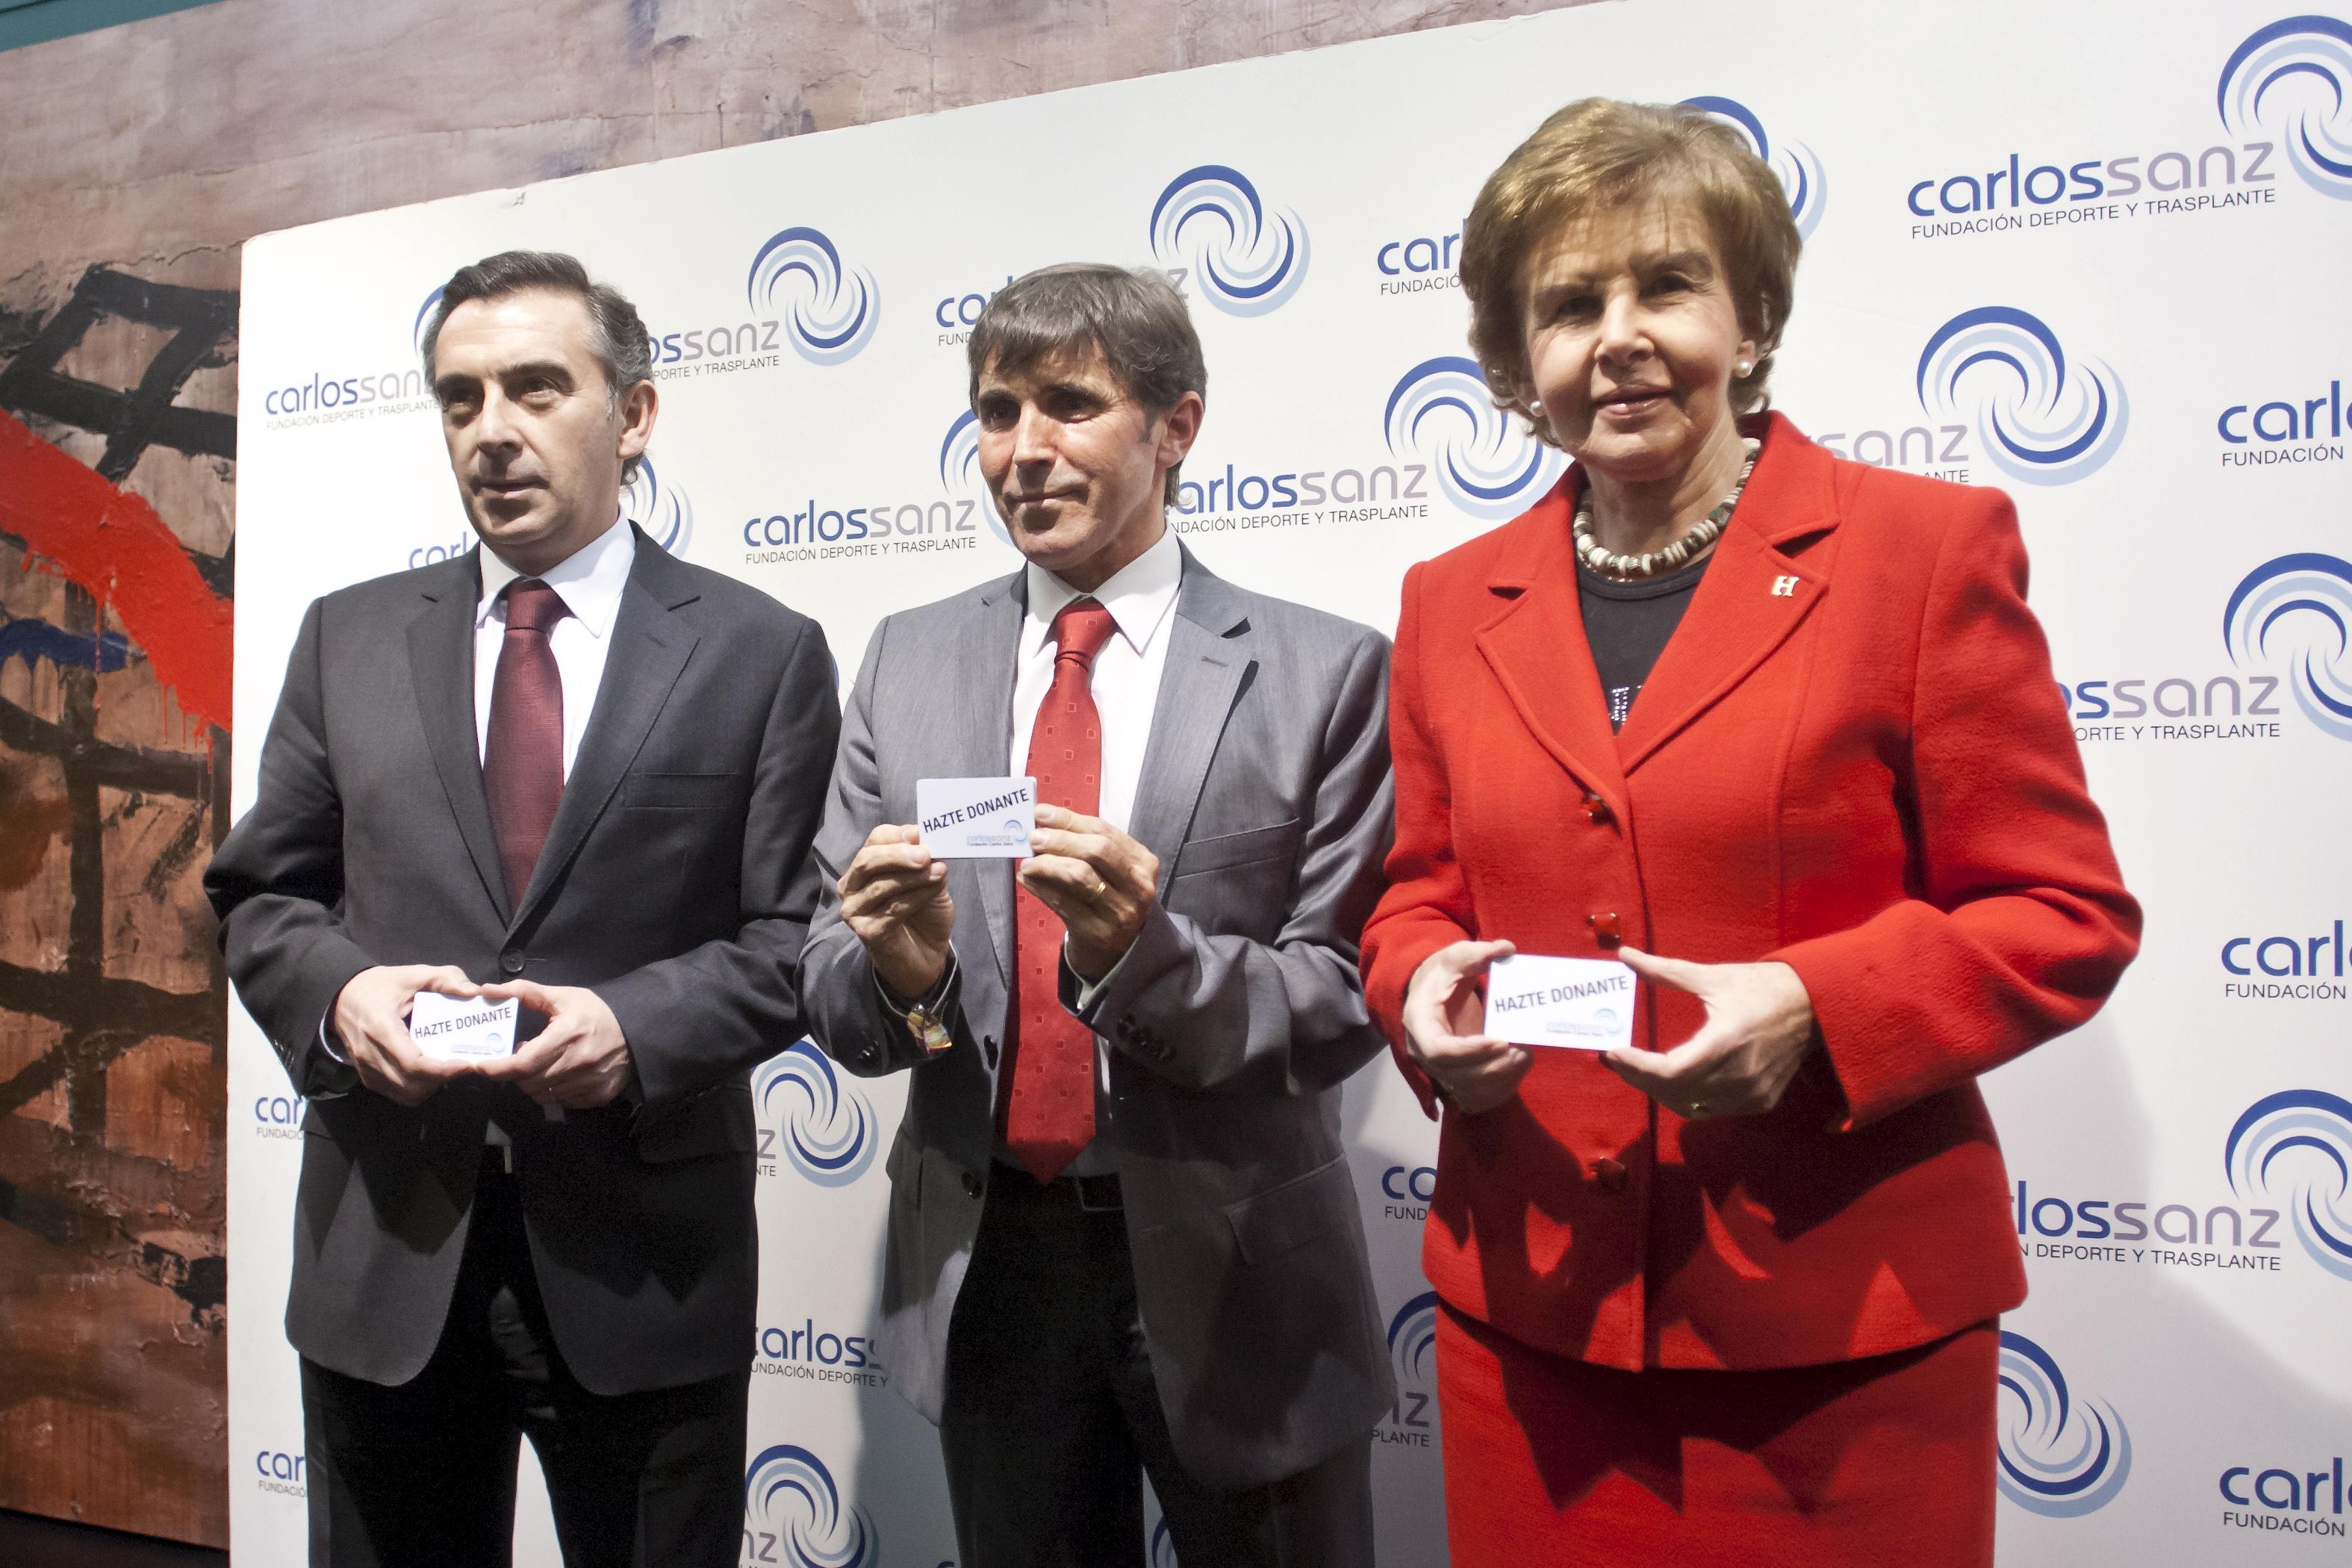 Pilar de Yarza en la entrega de premios de la Fundación Carlos Sanz.